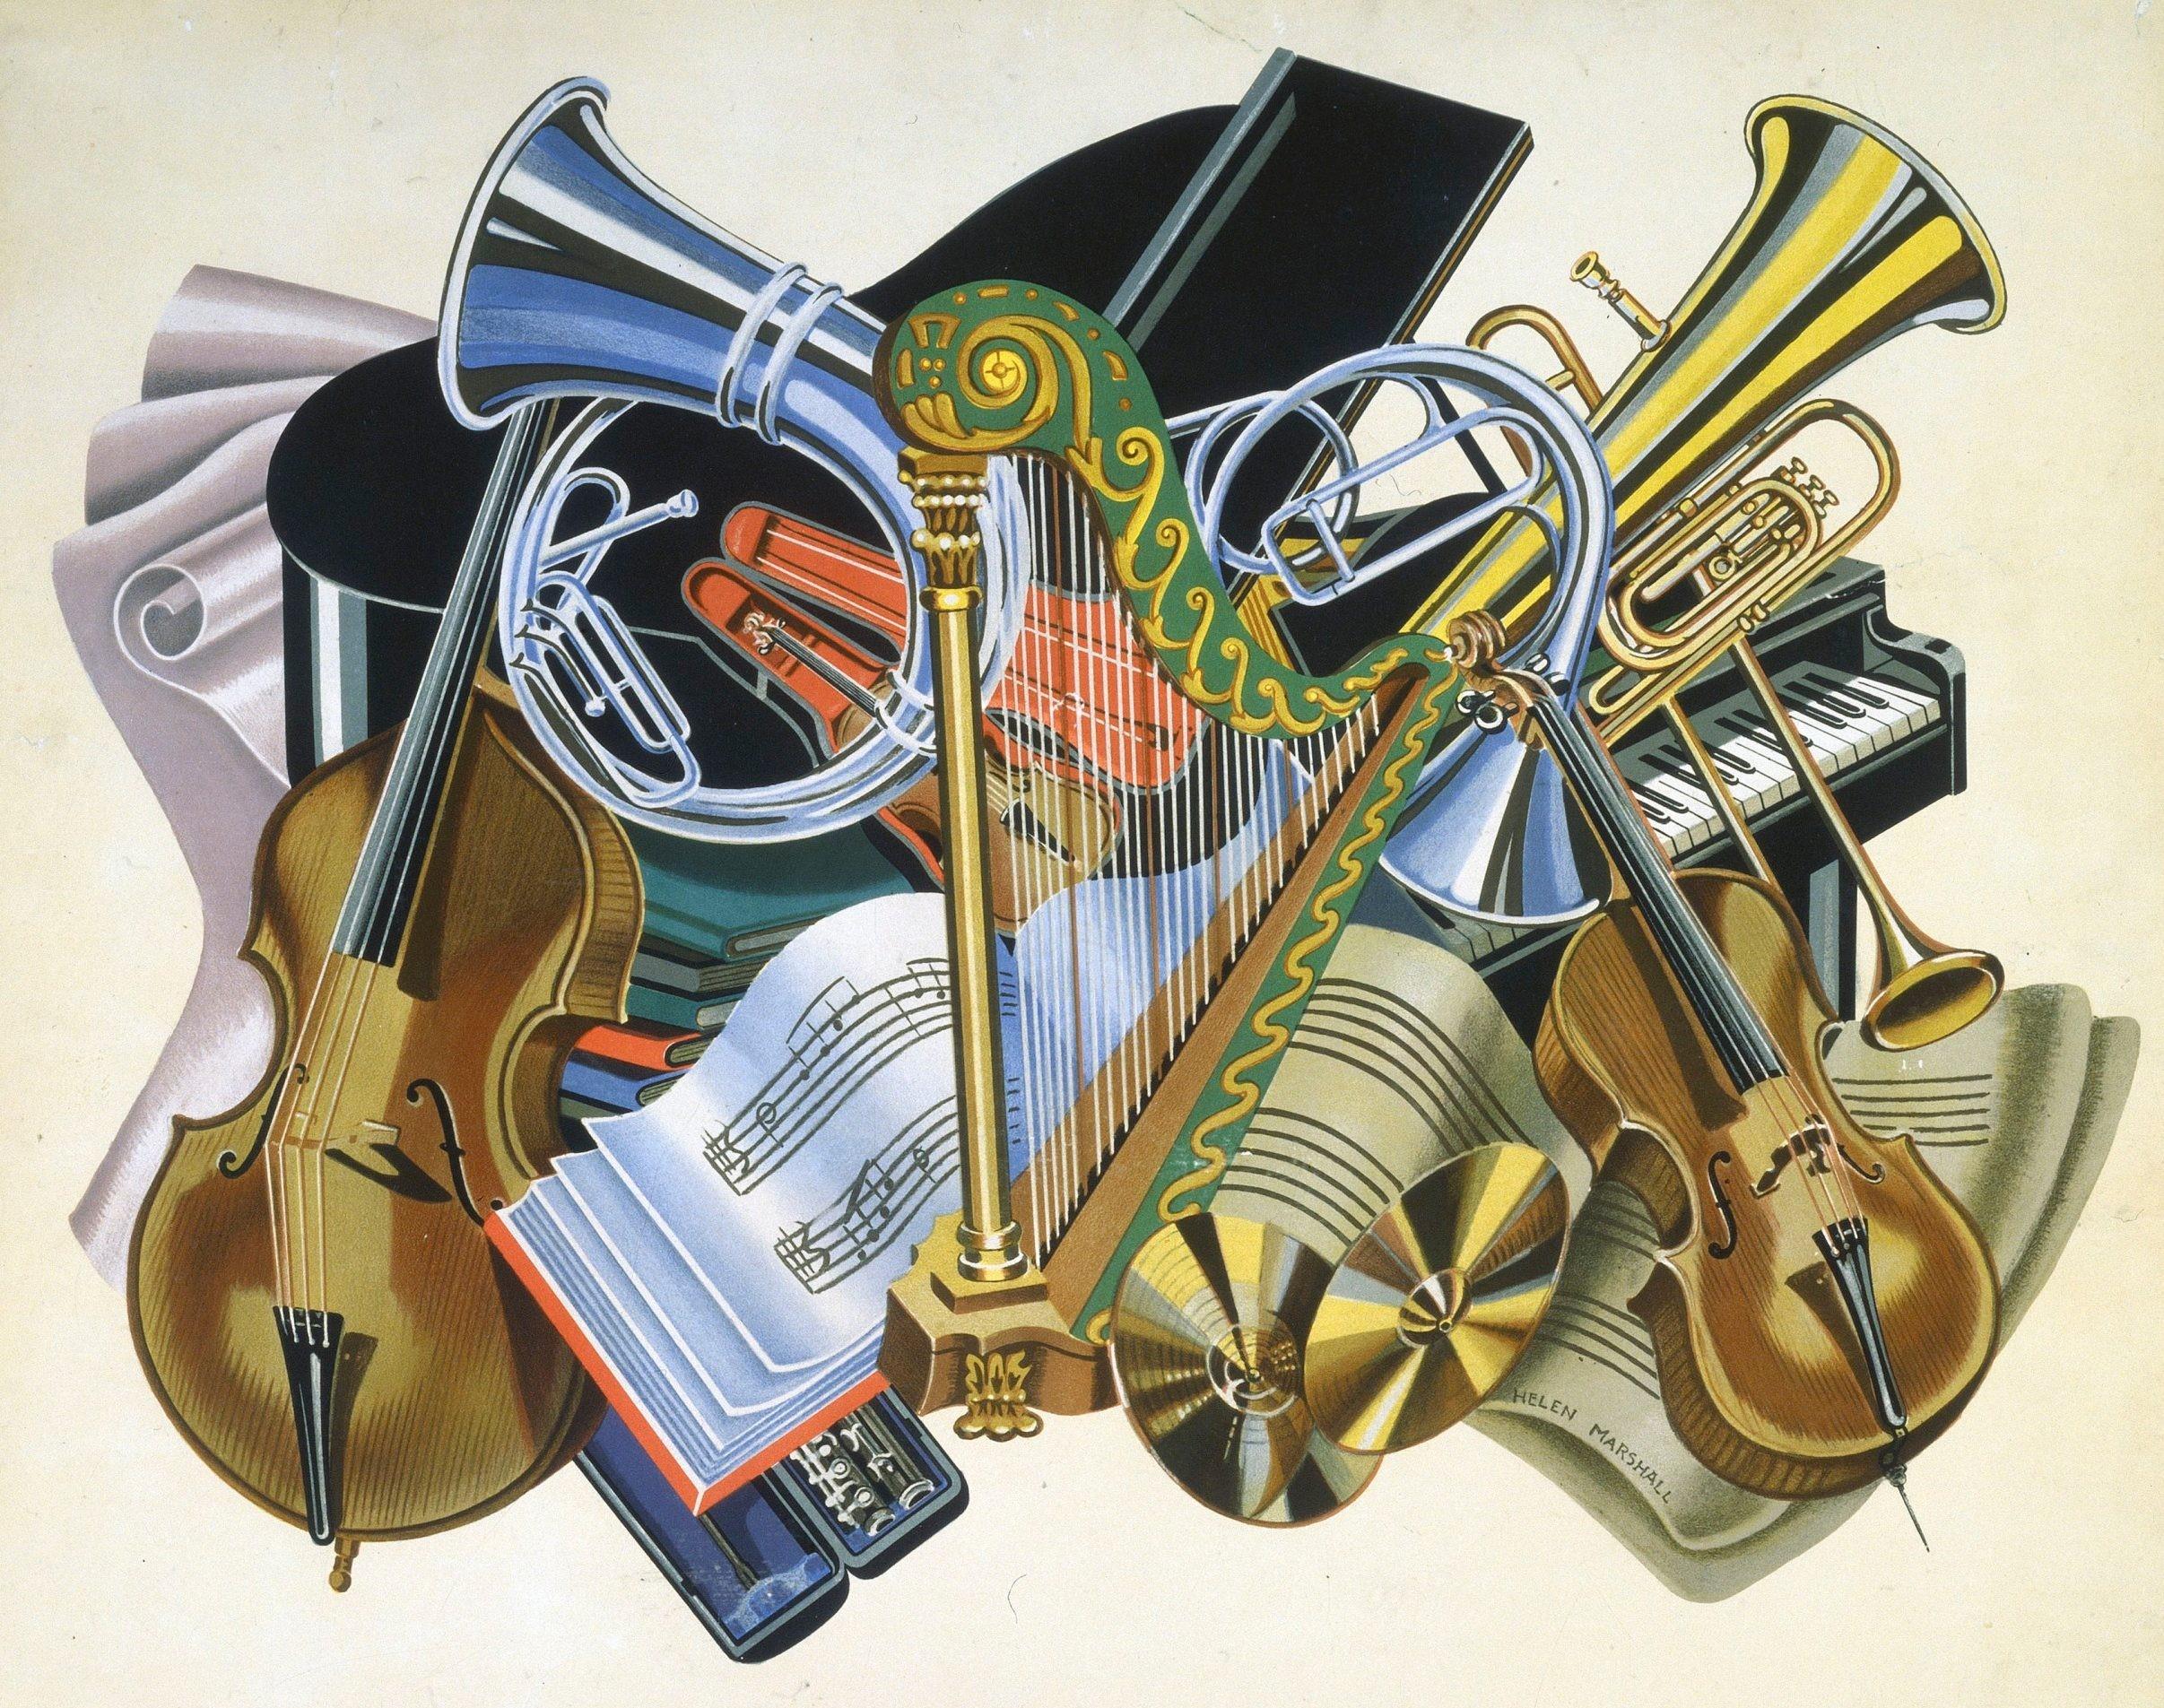 Cinco maiores compositores da música clássica - instrumentos